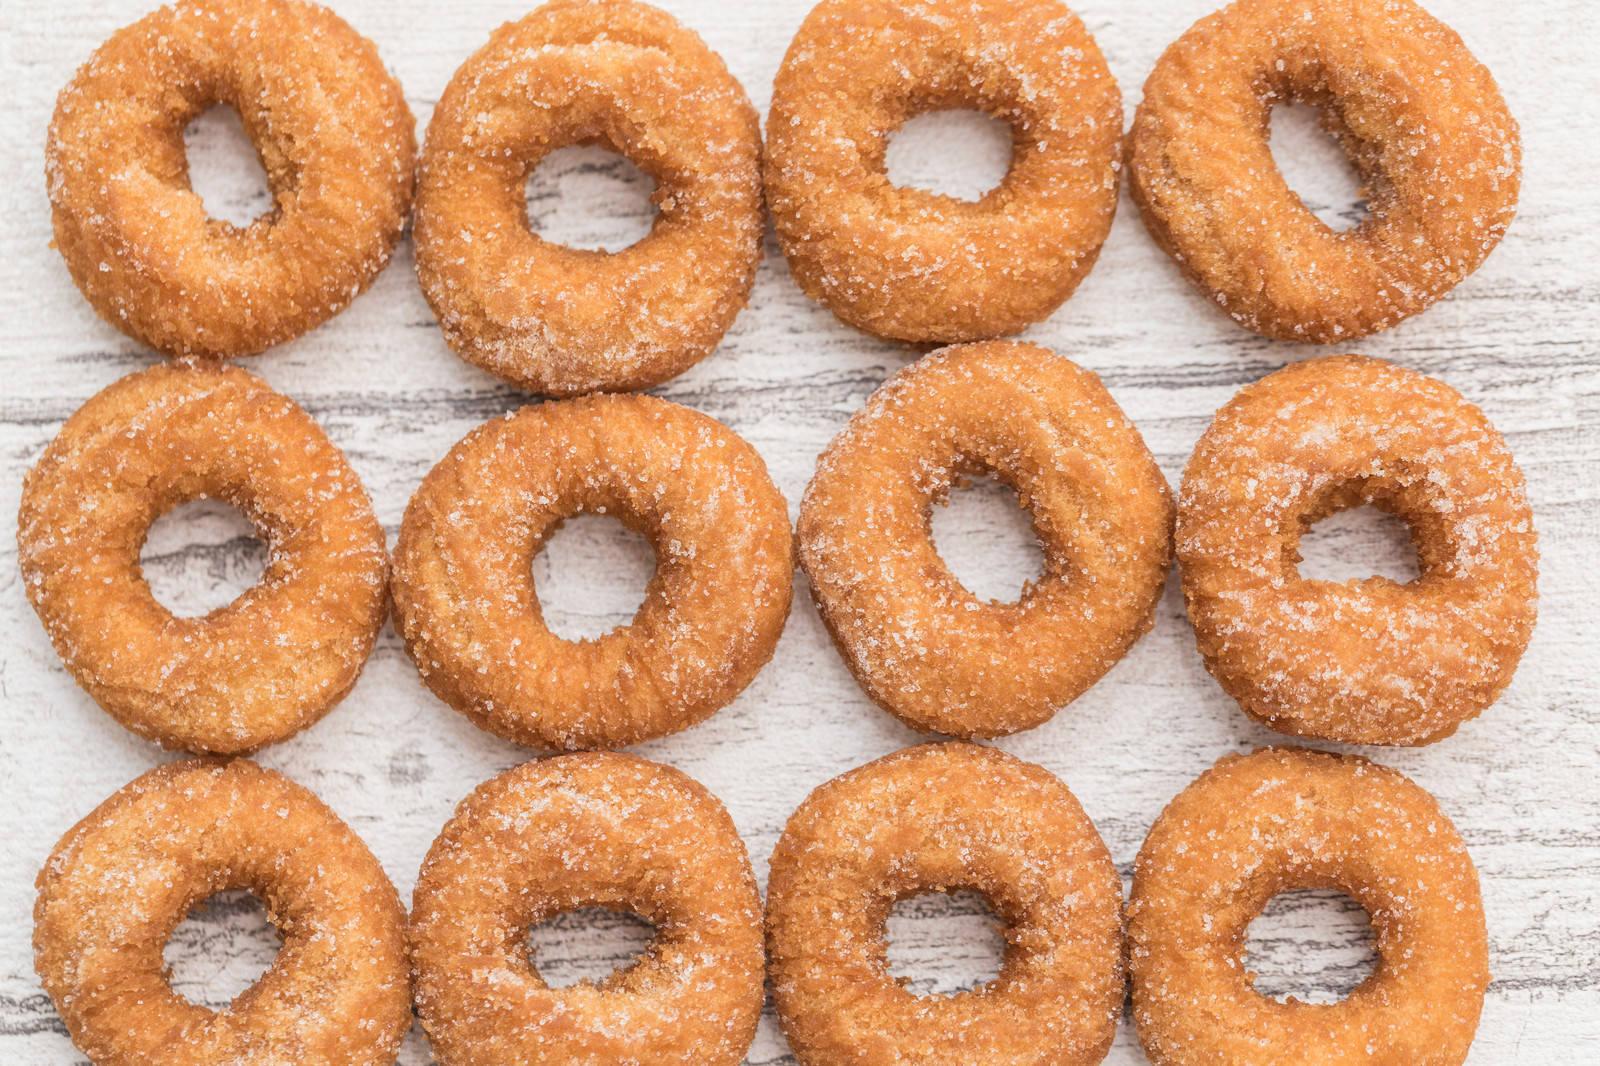 「テーブルいっぱいのドーナツ」の写真